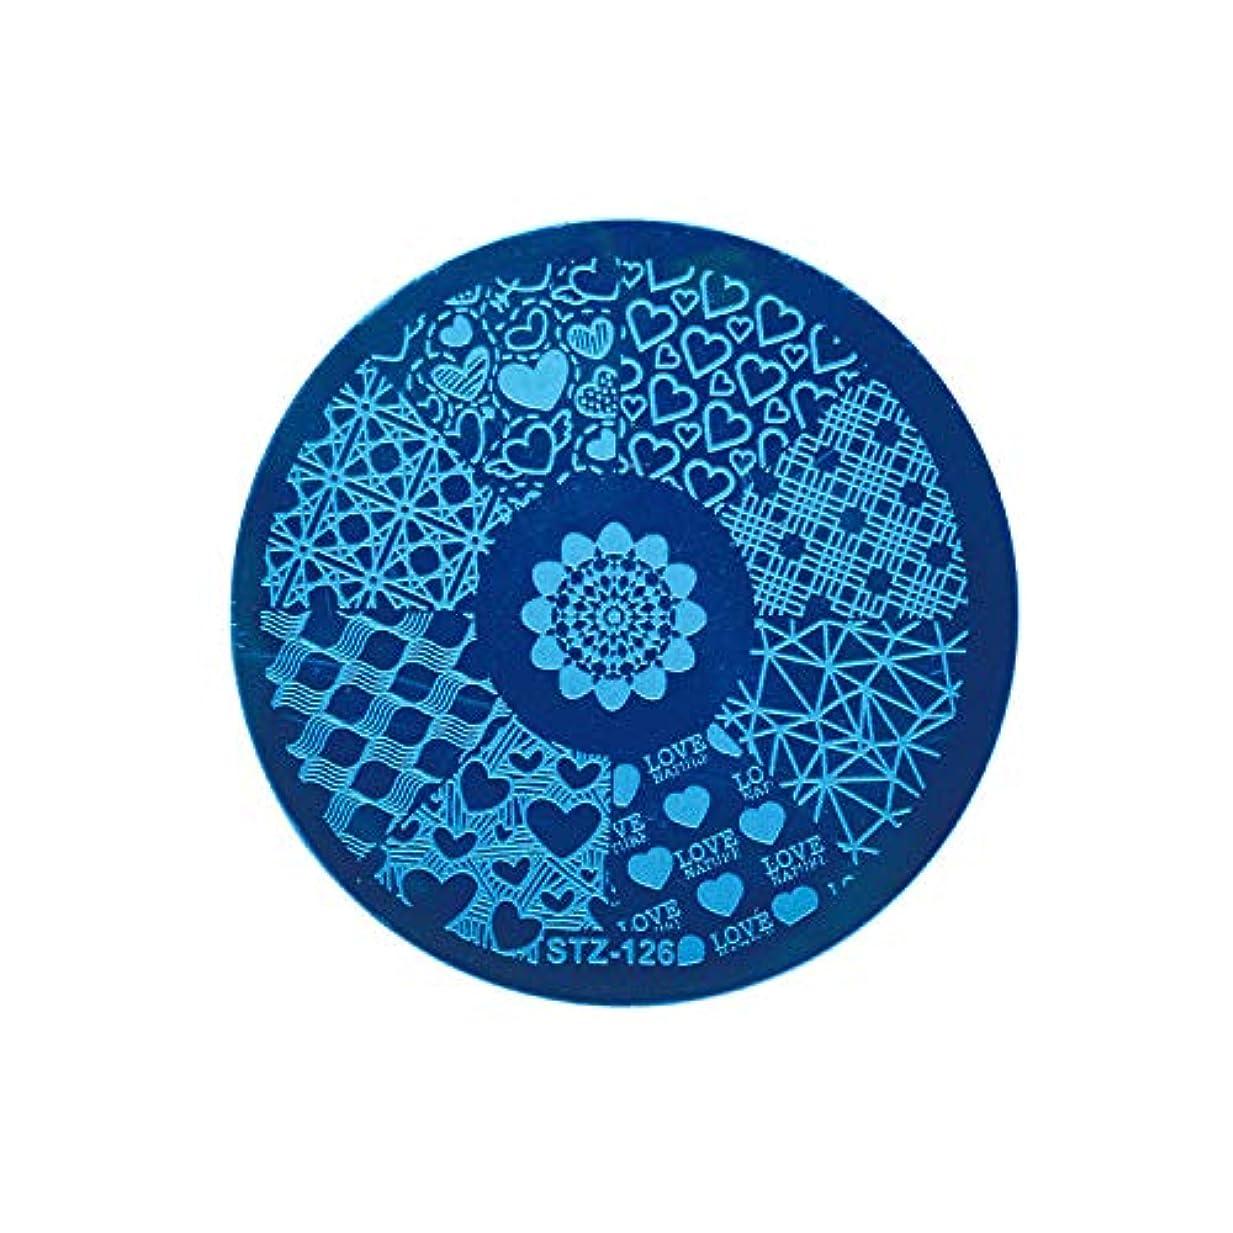 北極圏運賃特許ネイルアートスタンピングテンプレートDIYポーランドスタンパーマニキュアプリントネイルスタンピングプレートレースフラワーイメージペイントステンシルネイルアートキット,BBA129D